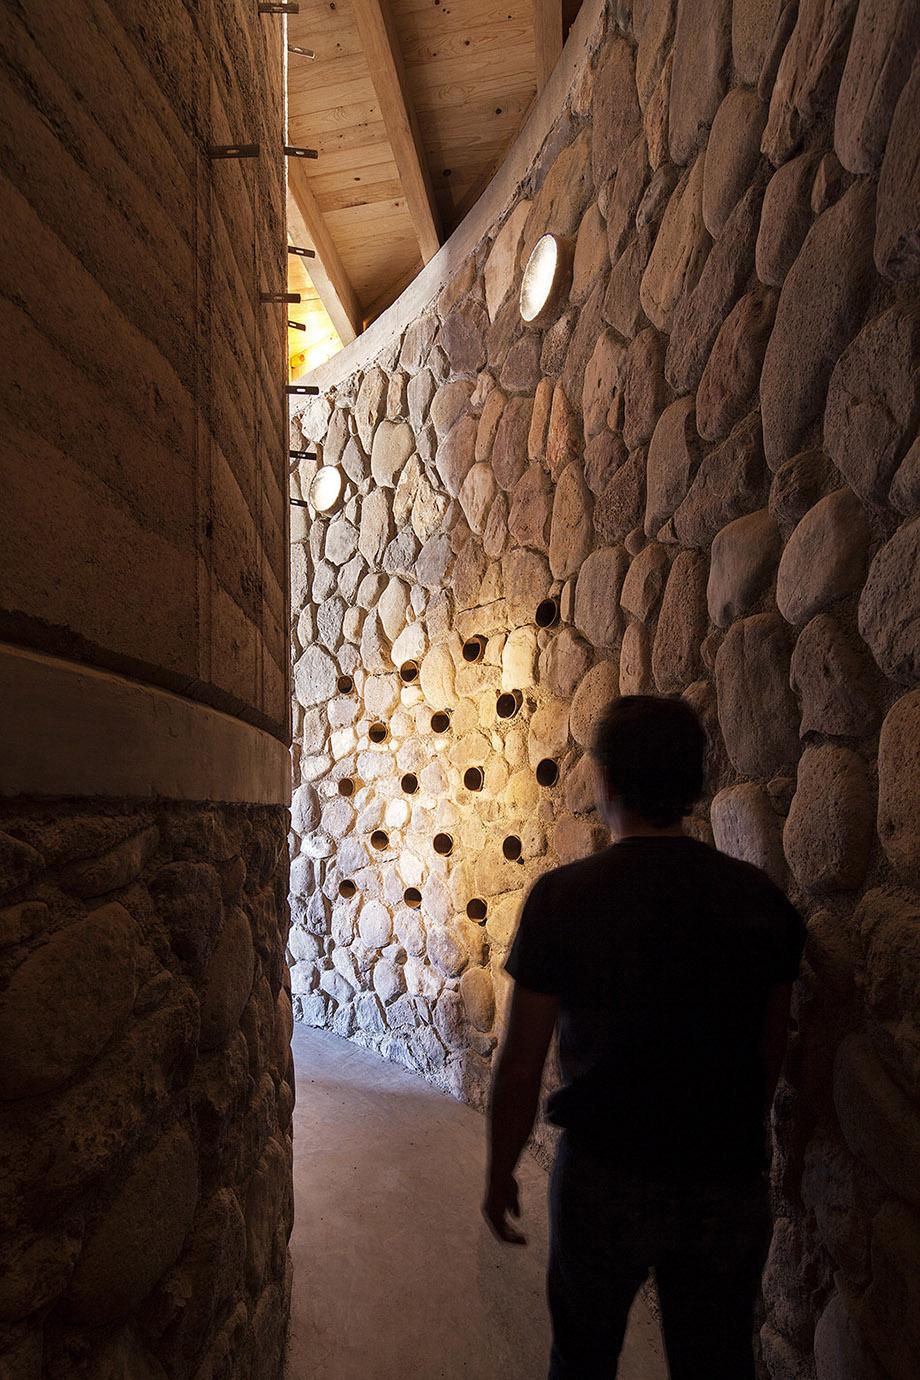 ทางเดินในบ้านตกแต่งเต็มผนังด้วยหิน